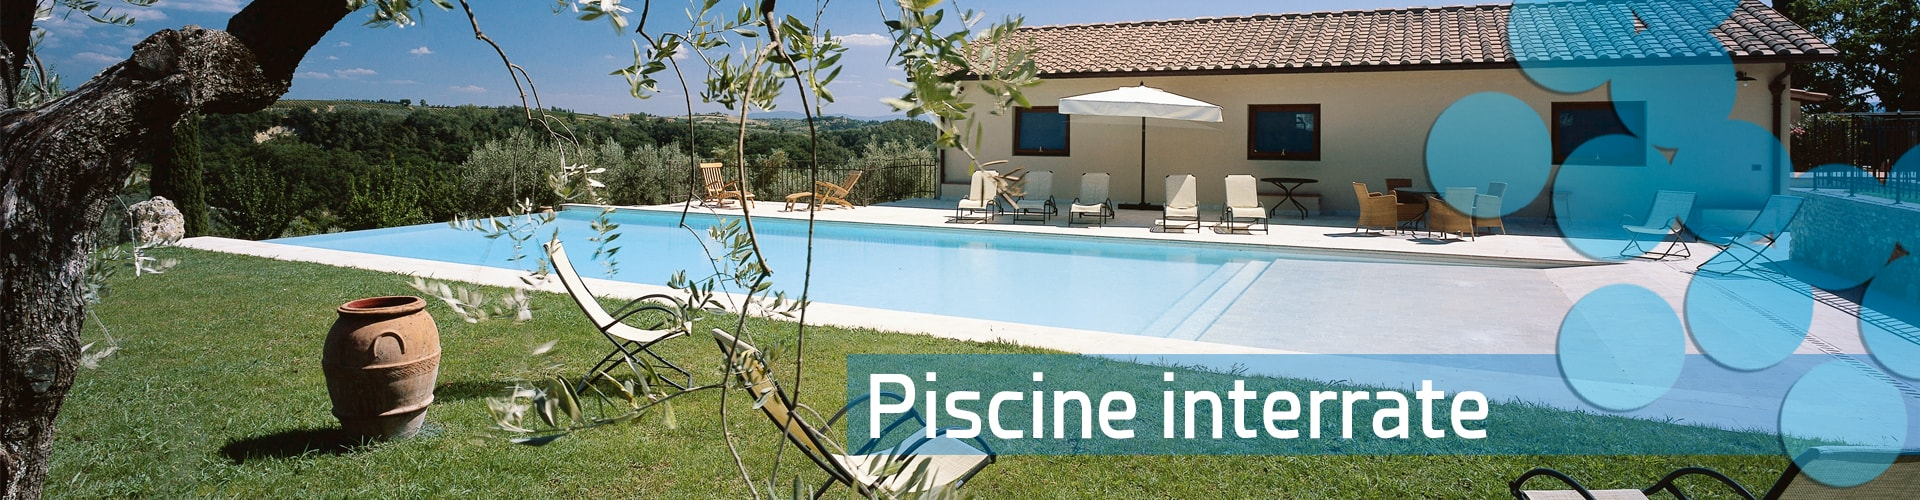 Piscine In Legno Interrate.Realizzazione Piscine Interrate In Toscana Garden Pool